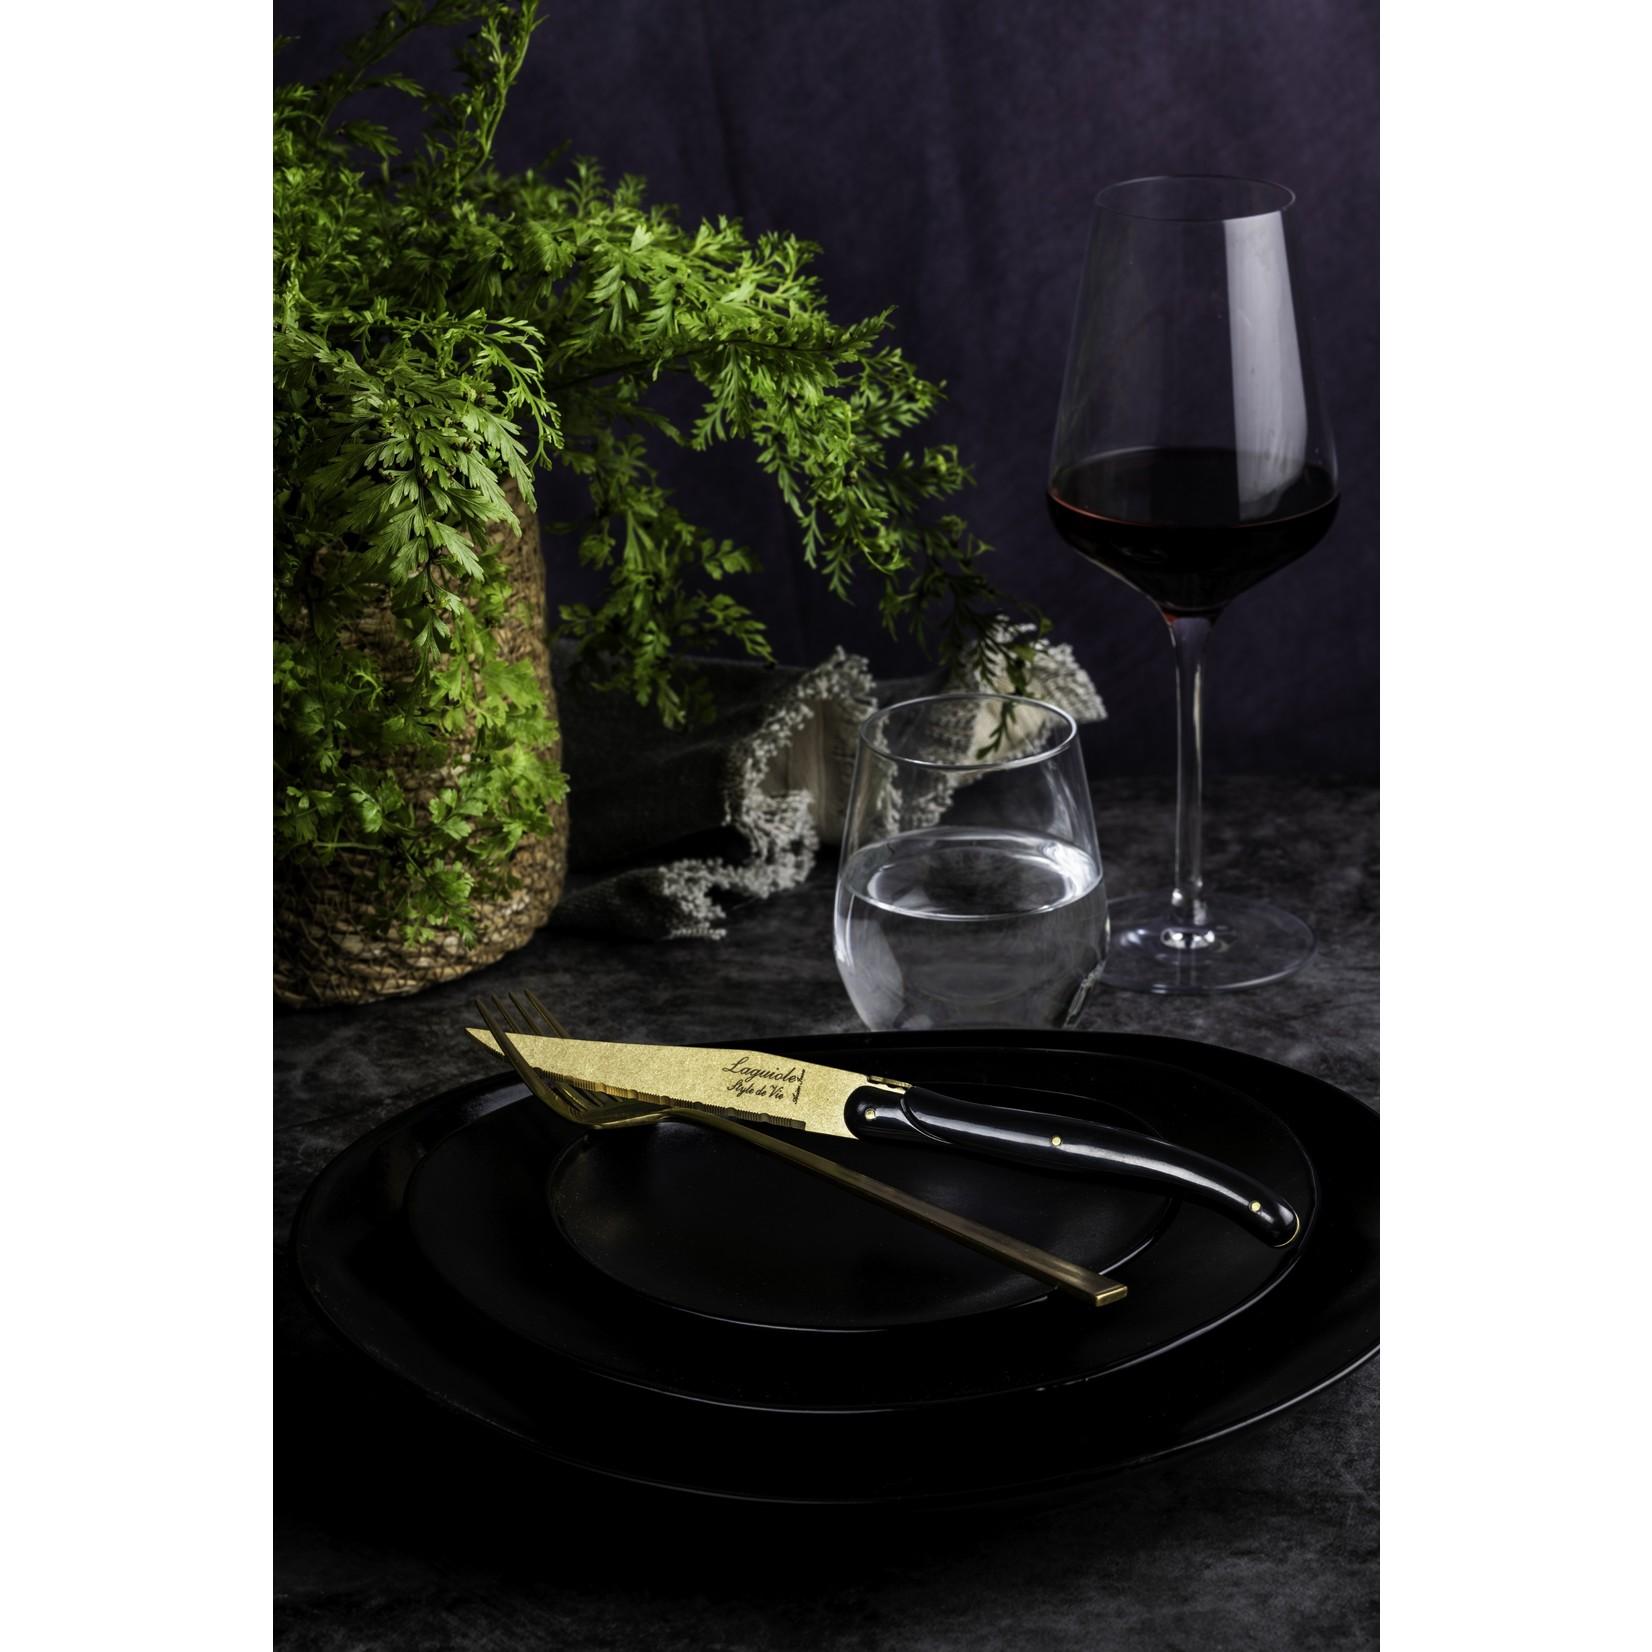 Laguiole Style de Vie Laguiole Style de Vie Prestige Line steakmessenset 6-delig goud